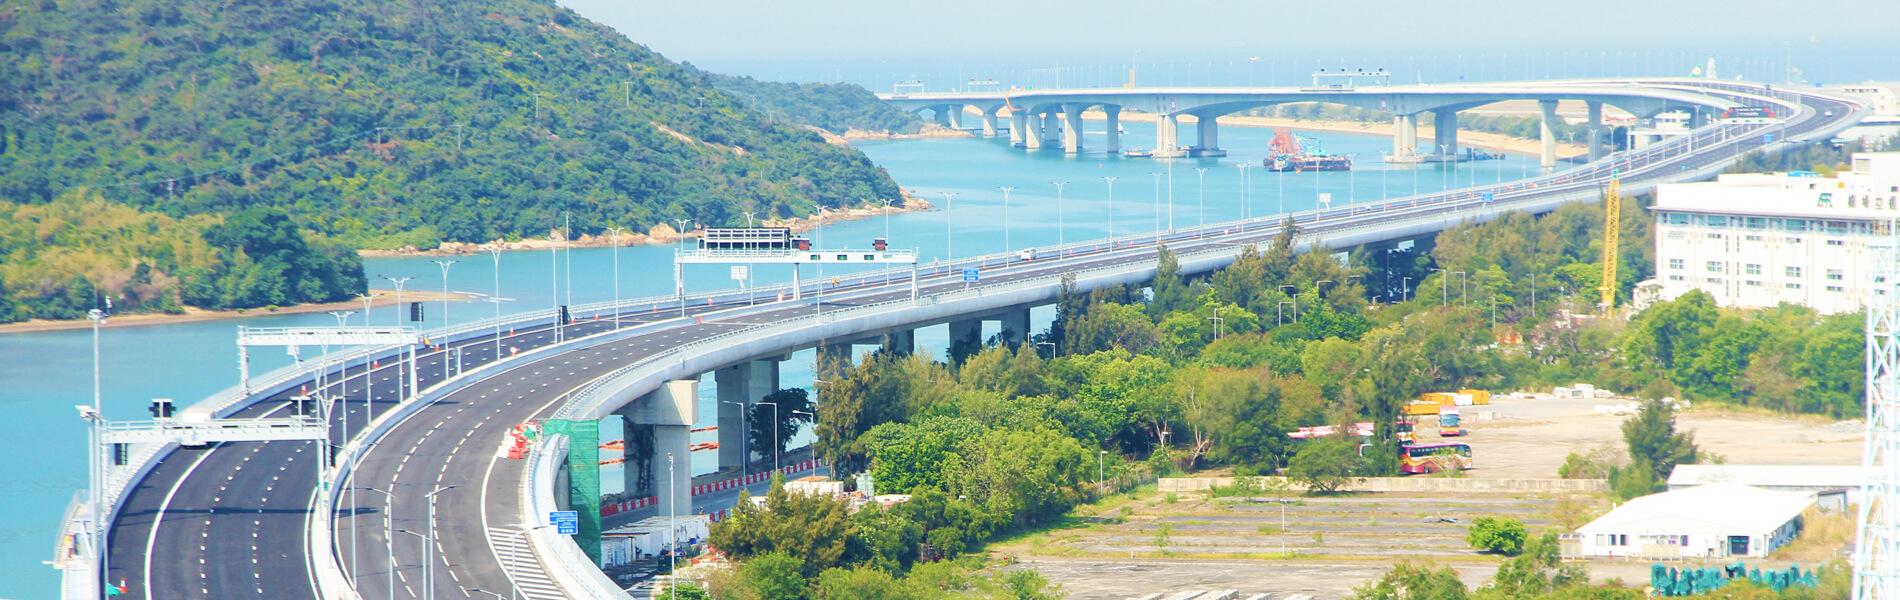 Hongkong-Zhuhai-Macao-Brücke eröffnet – Hinterm Horizont geht's weiter